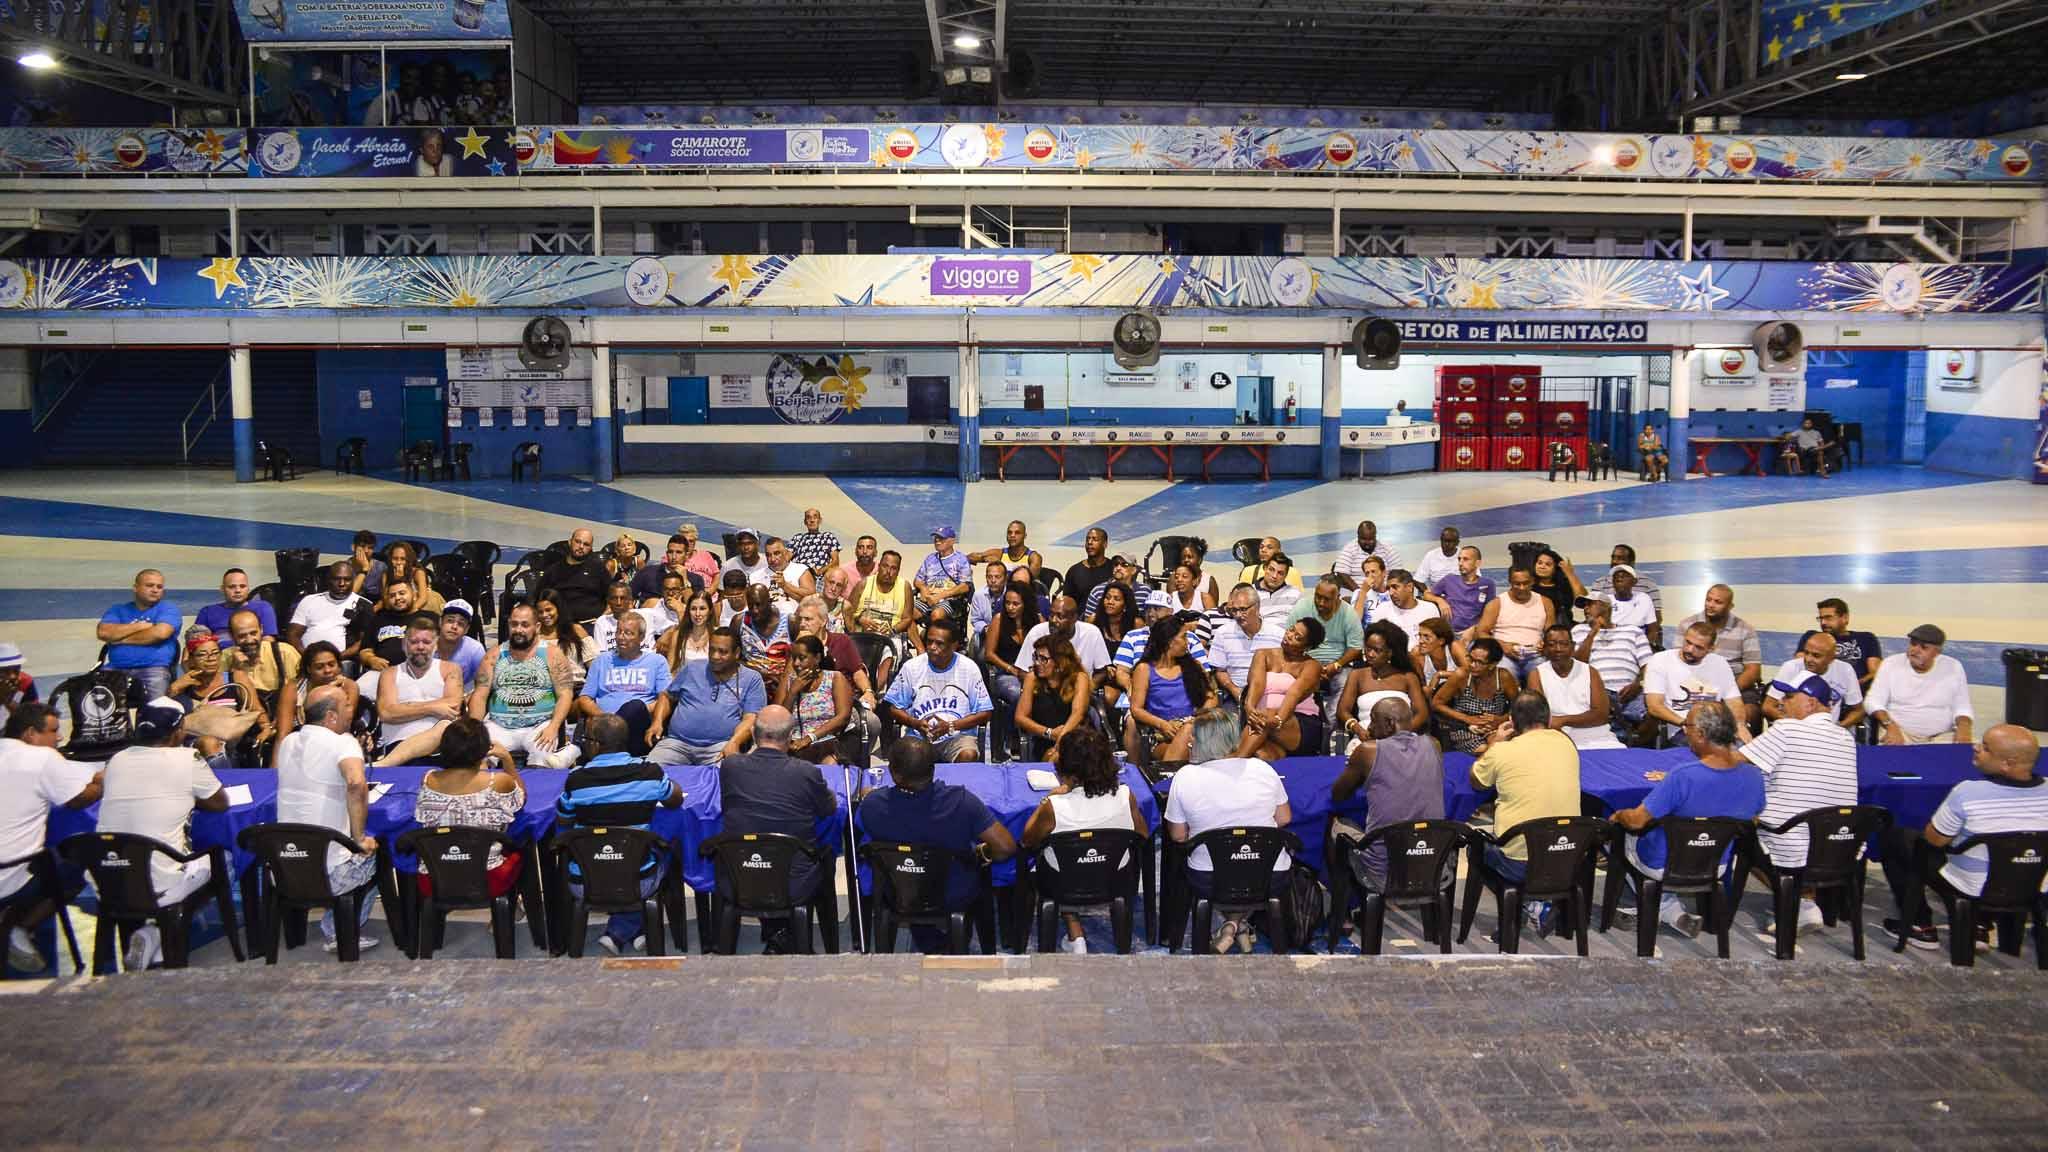 Reunião na quadra da Beija-Flor. Foto: Eduardo Hollanda